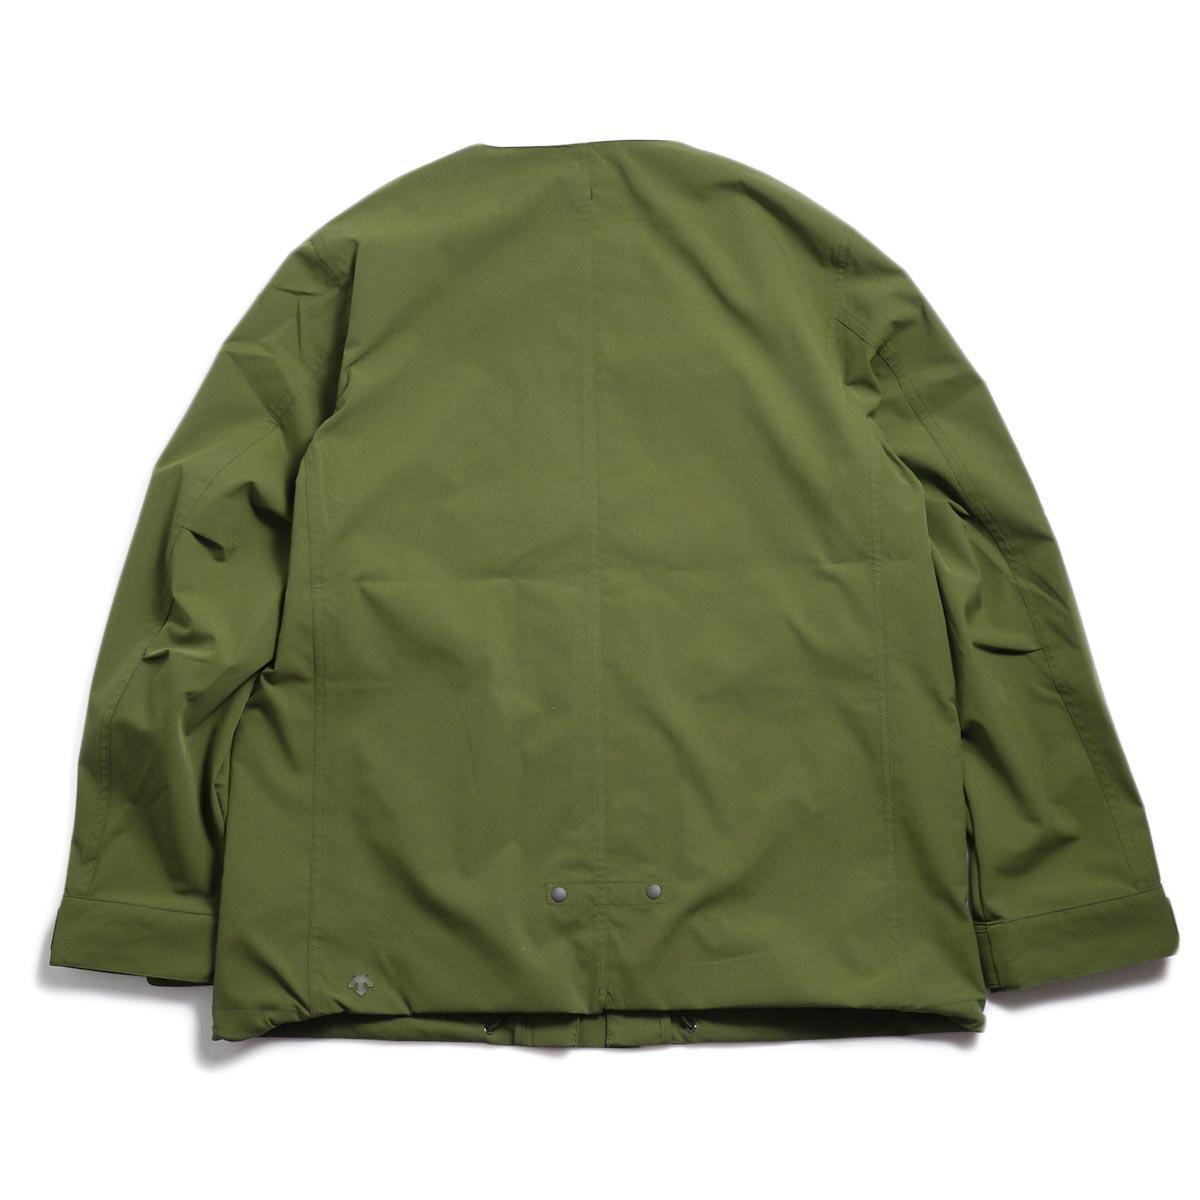 DESCENTE ddd / Utility Jacket -OLIVE 背面